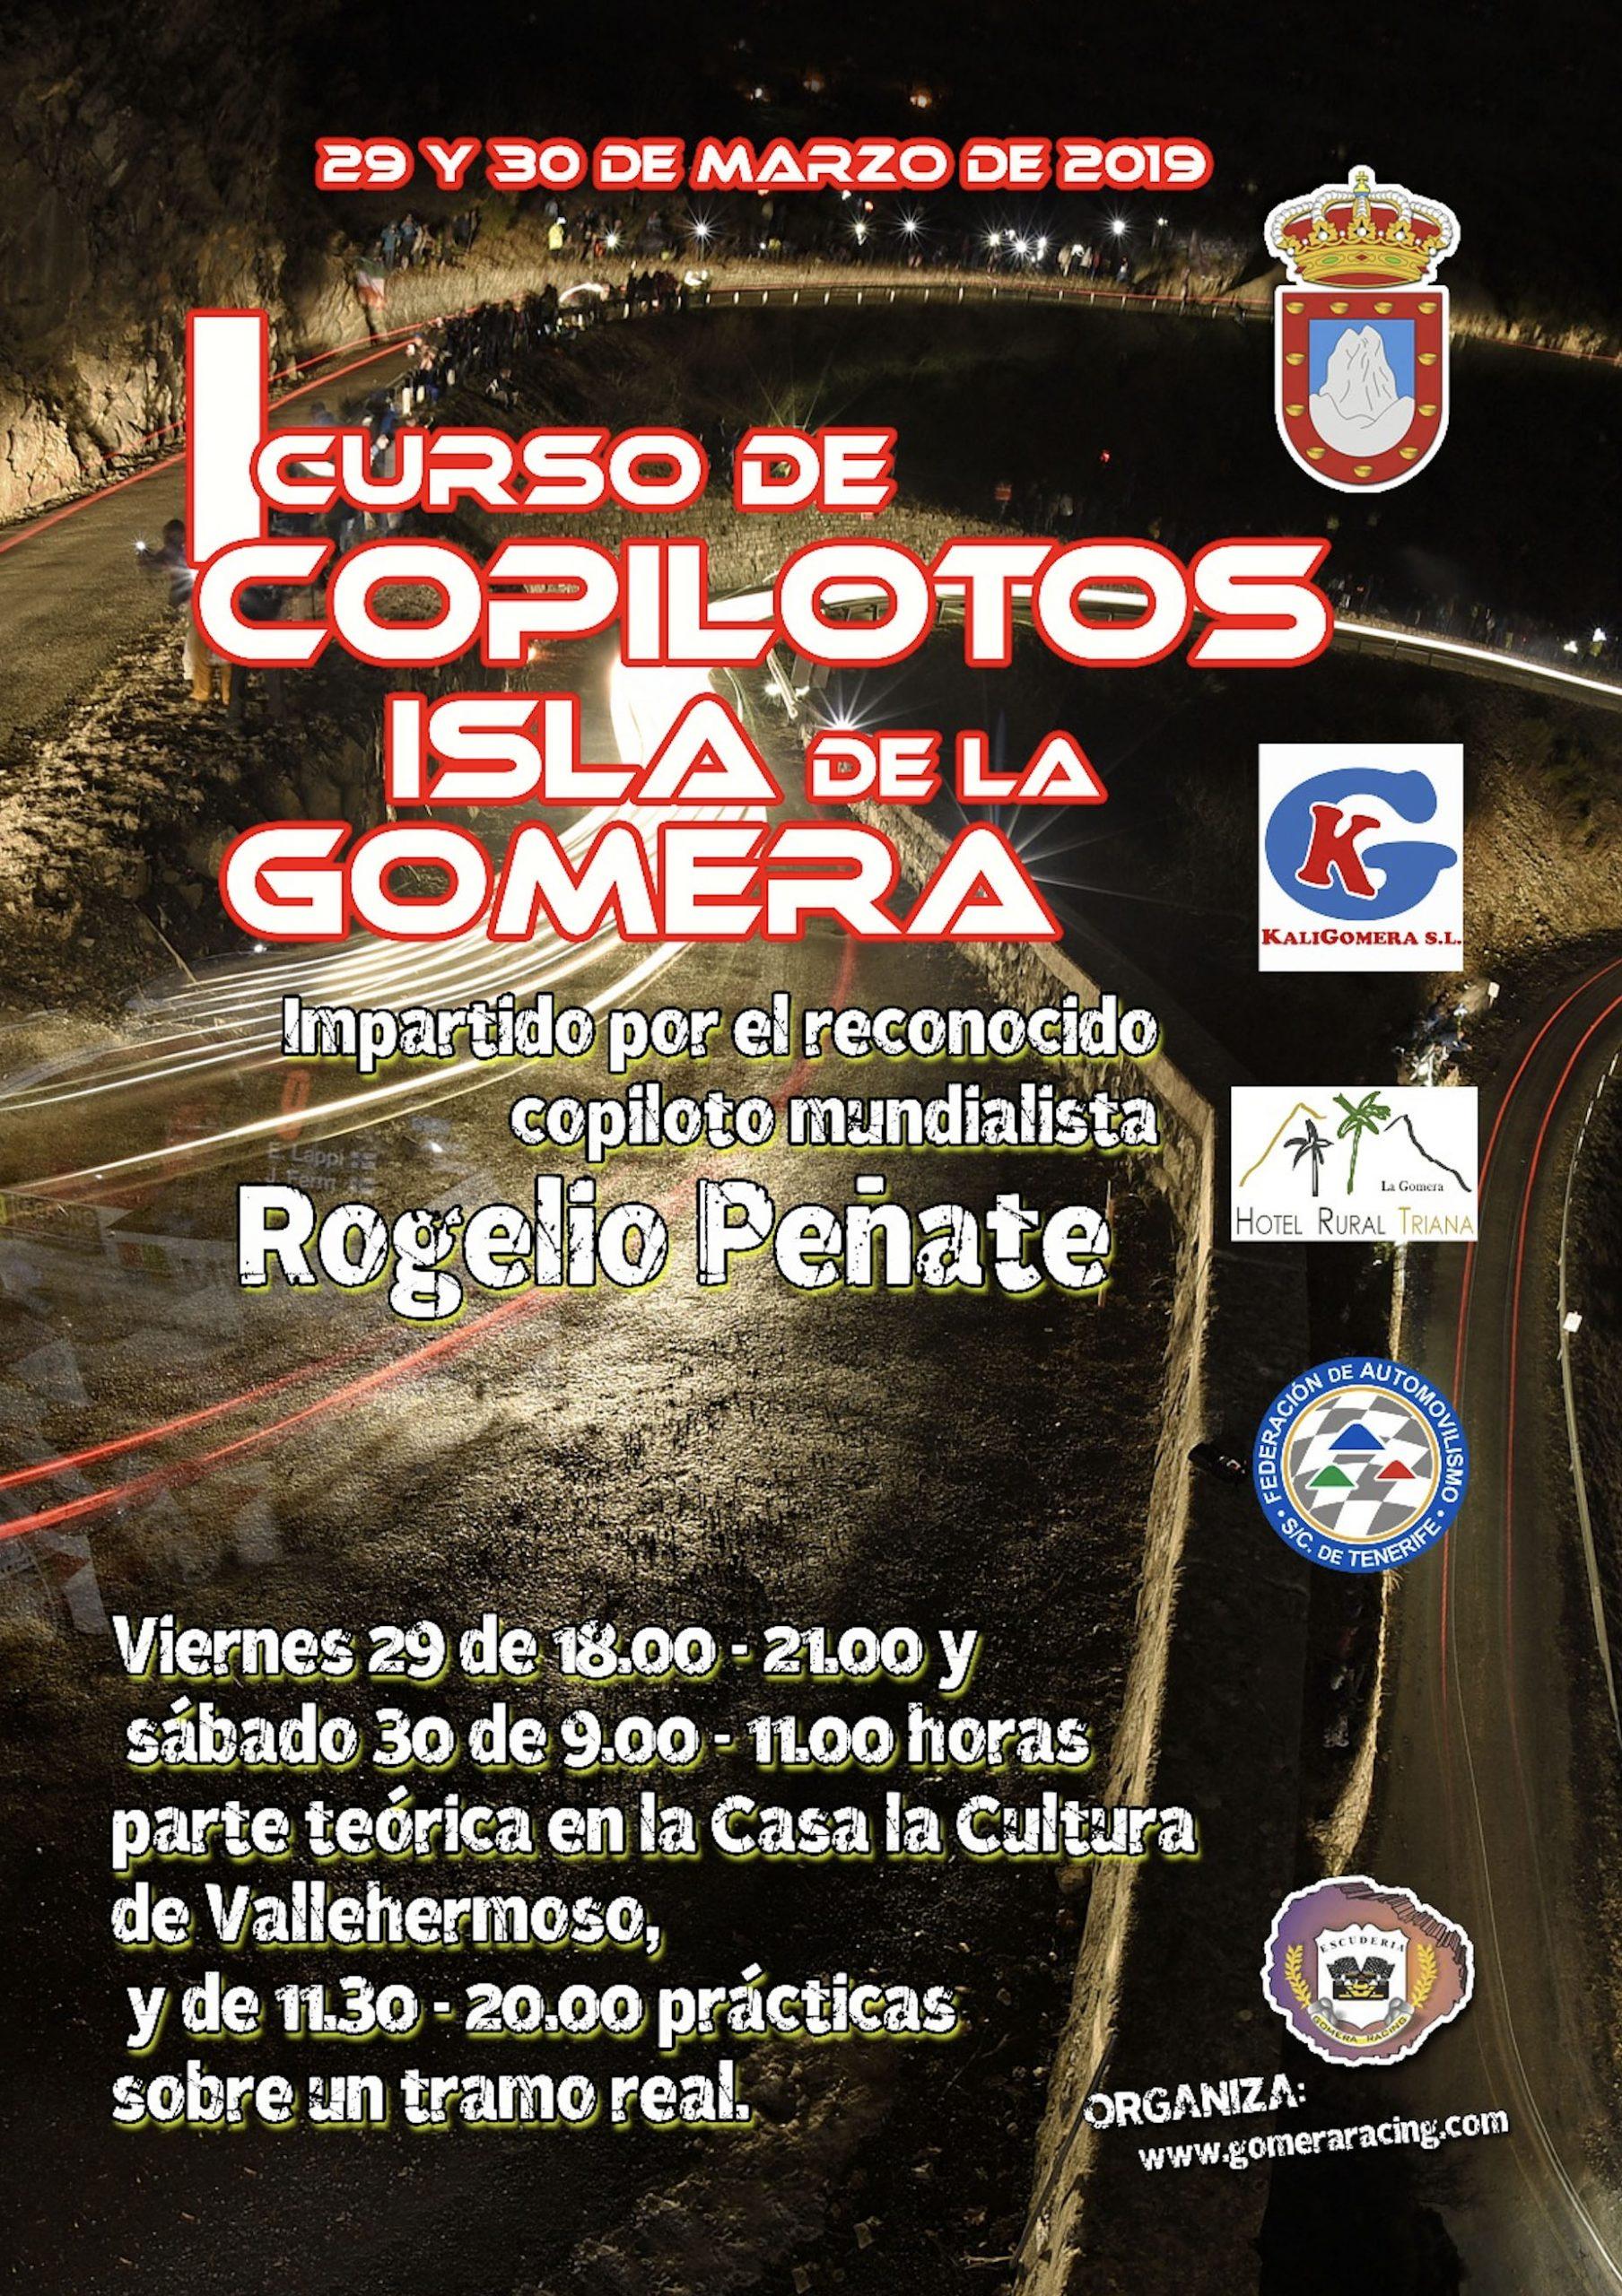 📢 I Curso de Copilotos Isla de La Gomera, organizado por la Escudería Gomera Racing